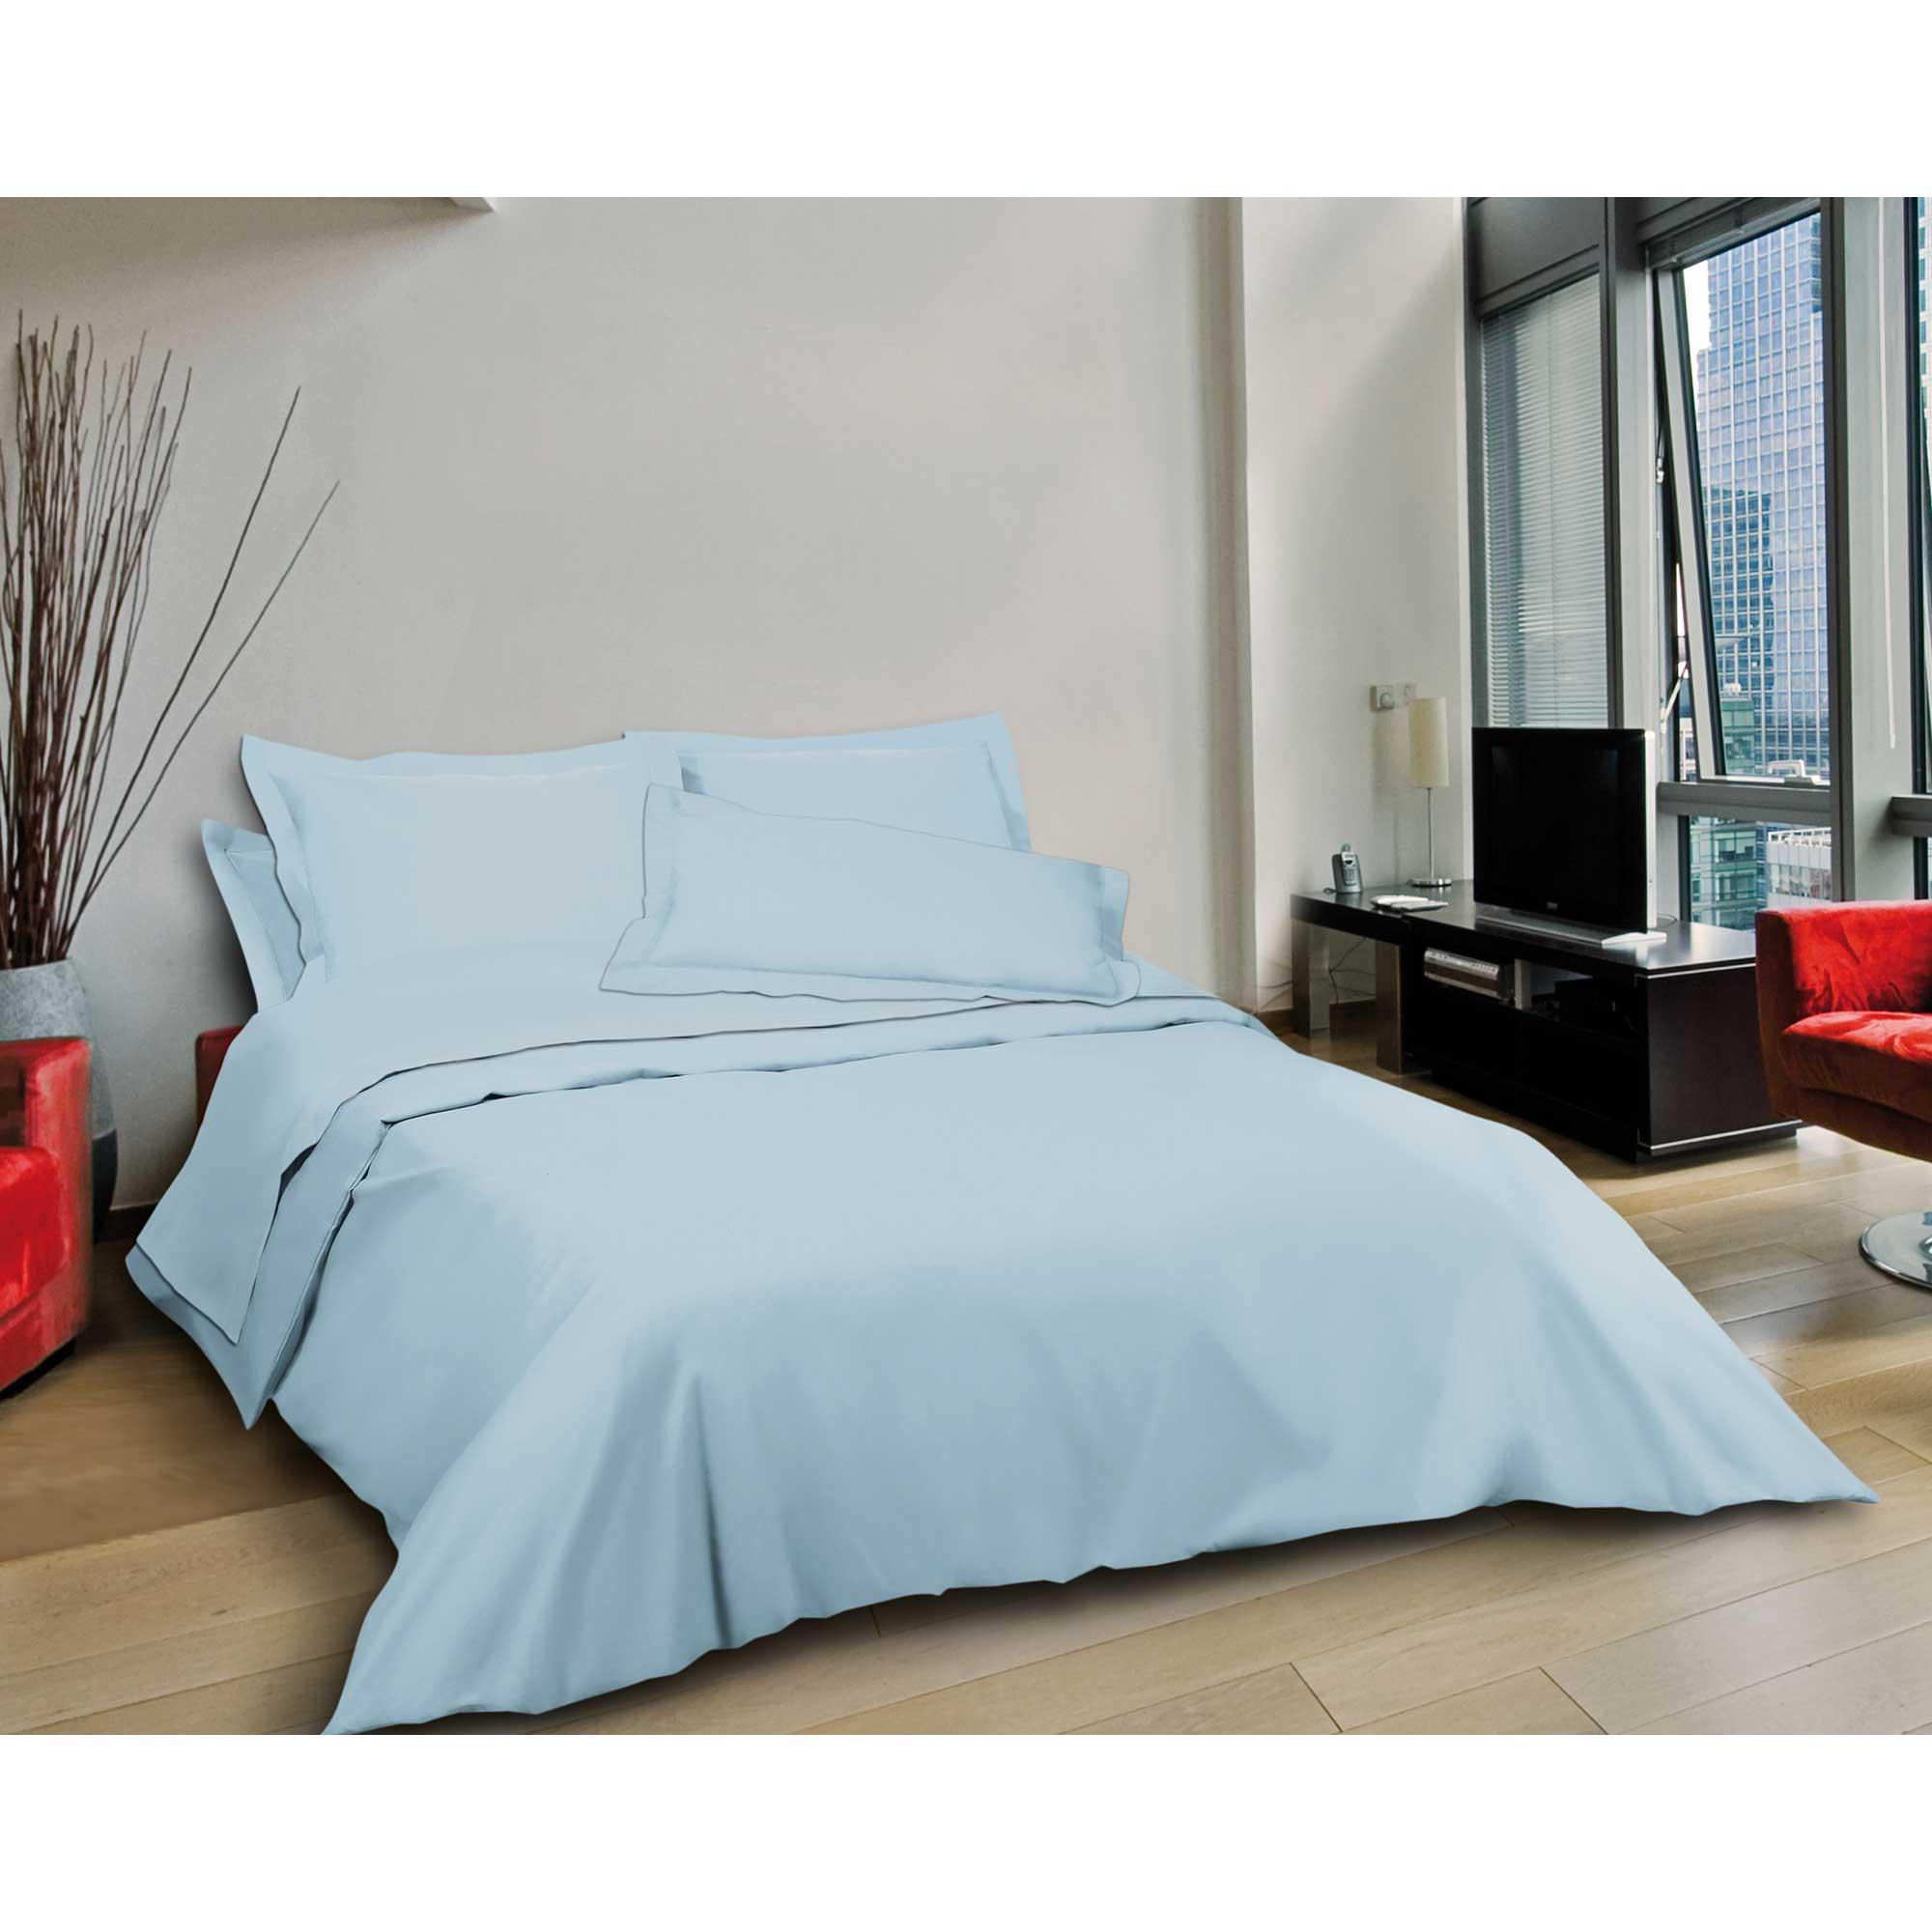 article linge de lit toile coton col pastel. Black Bedroom Furniture Sets. Home Design Ideas